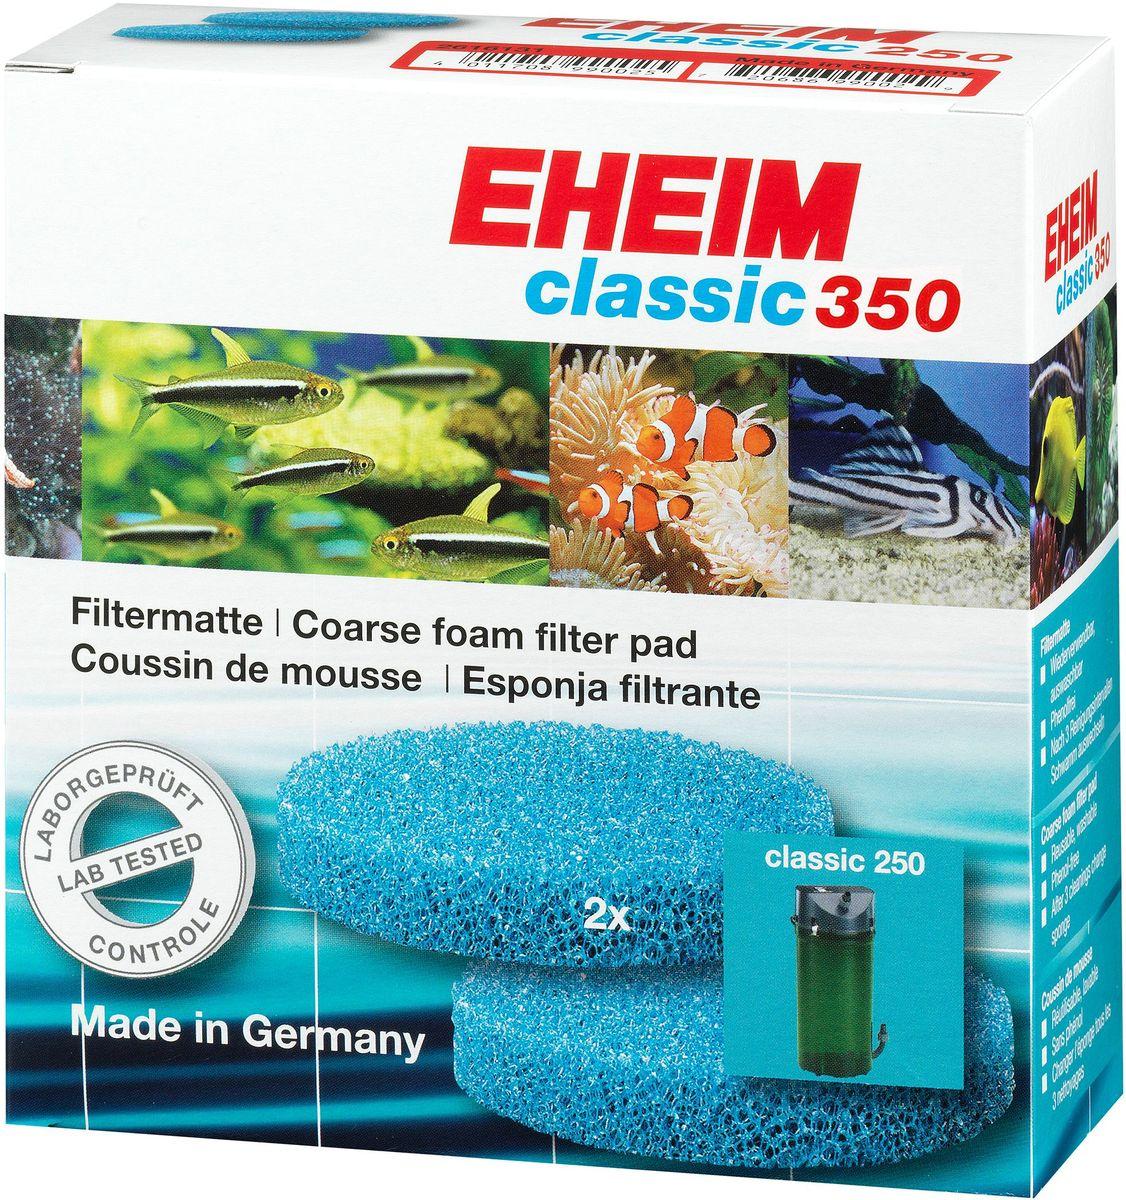 Наполнитель для фильтра Eheim Classic 350, поролон, 2 шт0120710Пористая губка для фильтров Eheim Classic 350 для механической и биологической очистки воды.